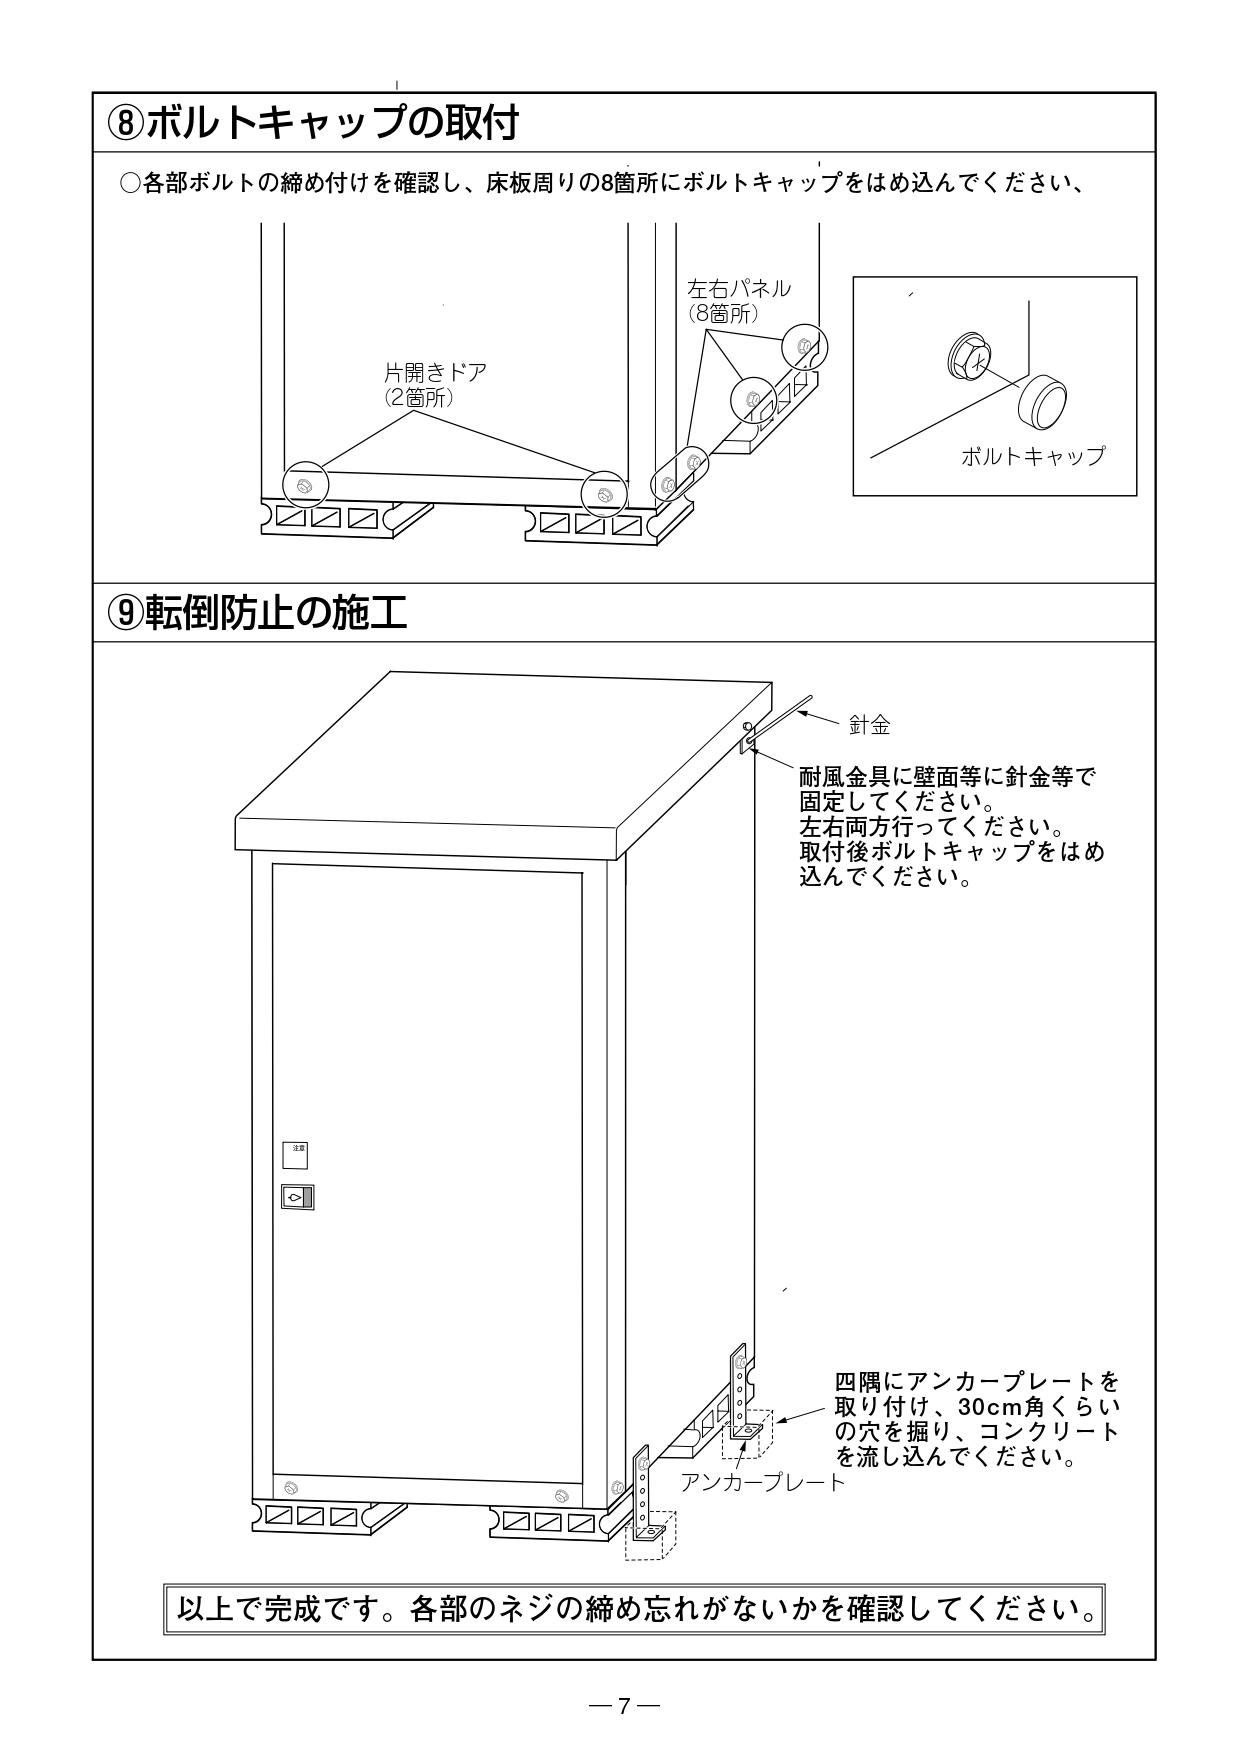 小型物置DM-GY099 組み立て説明書_page-0009